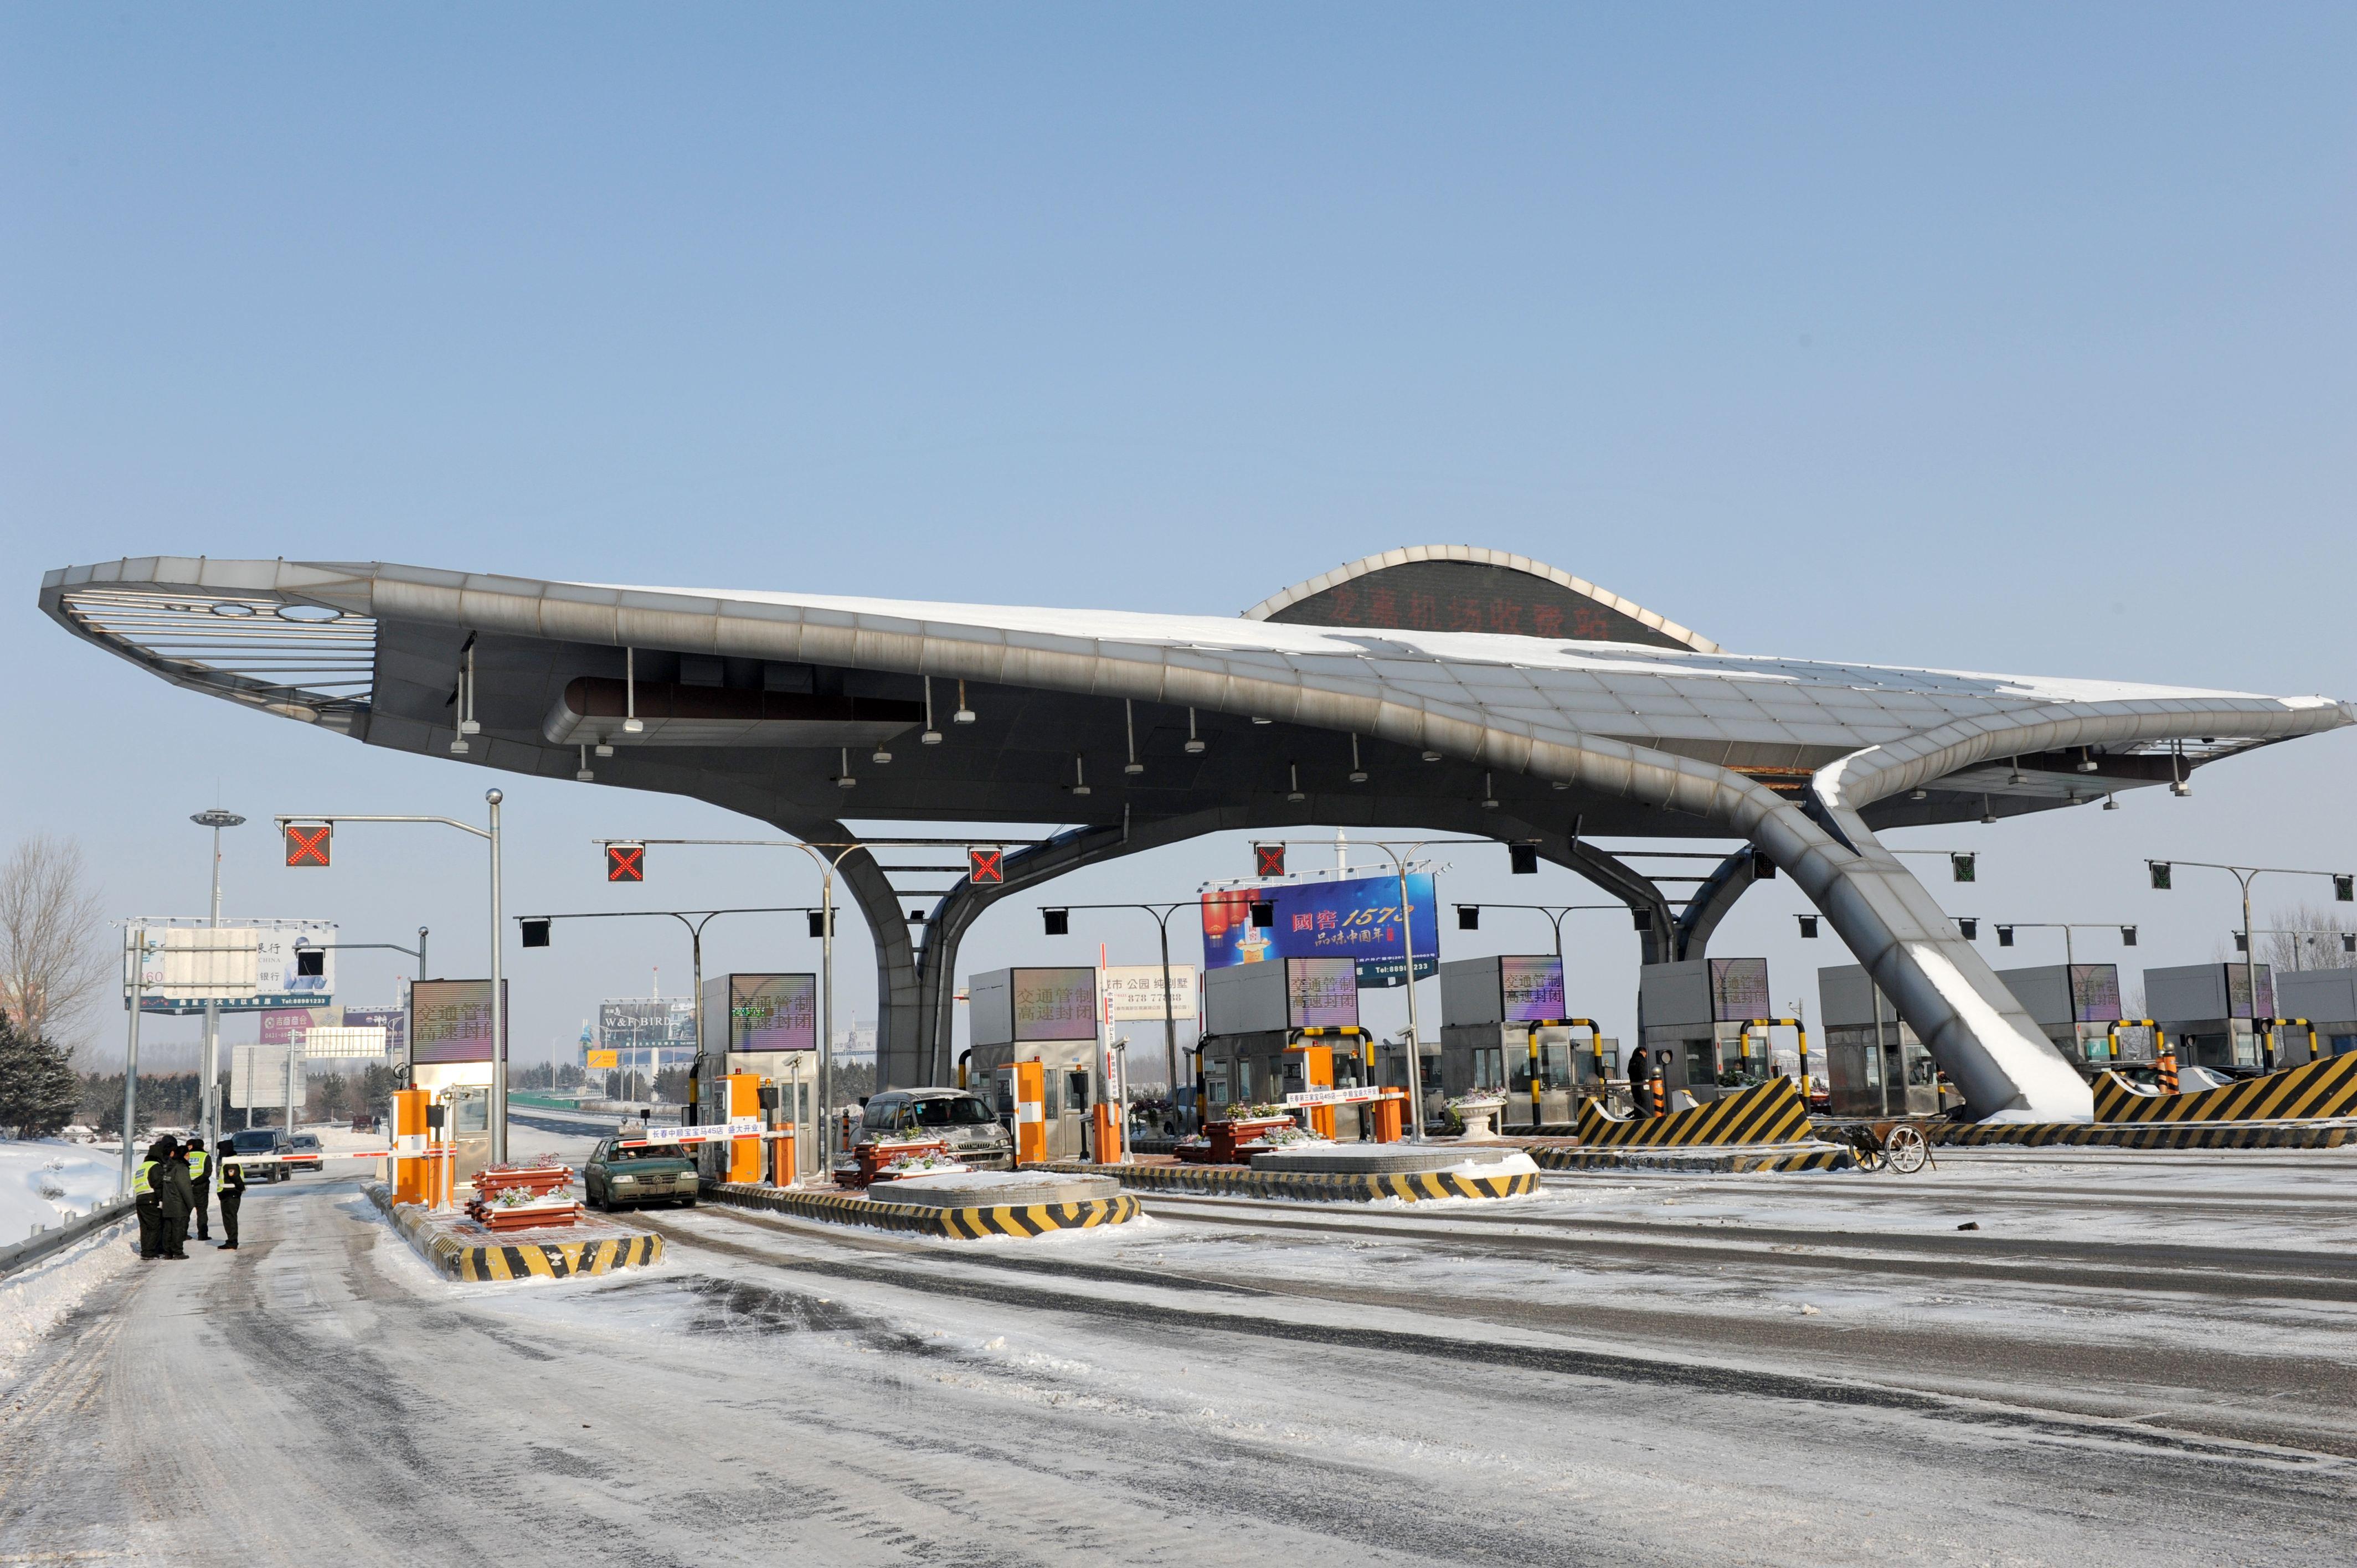 长春机场跑道预计21日7时22分至9时30分关闭